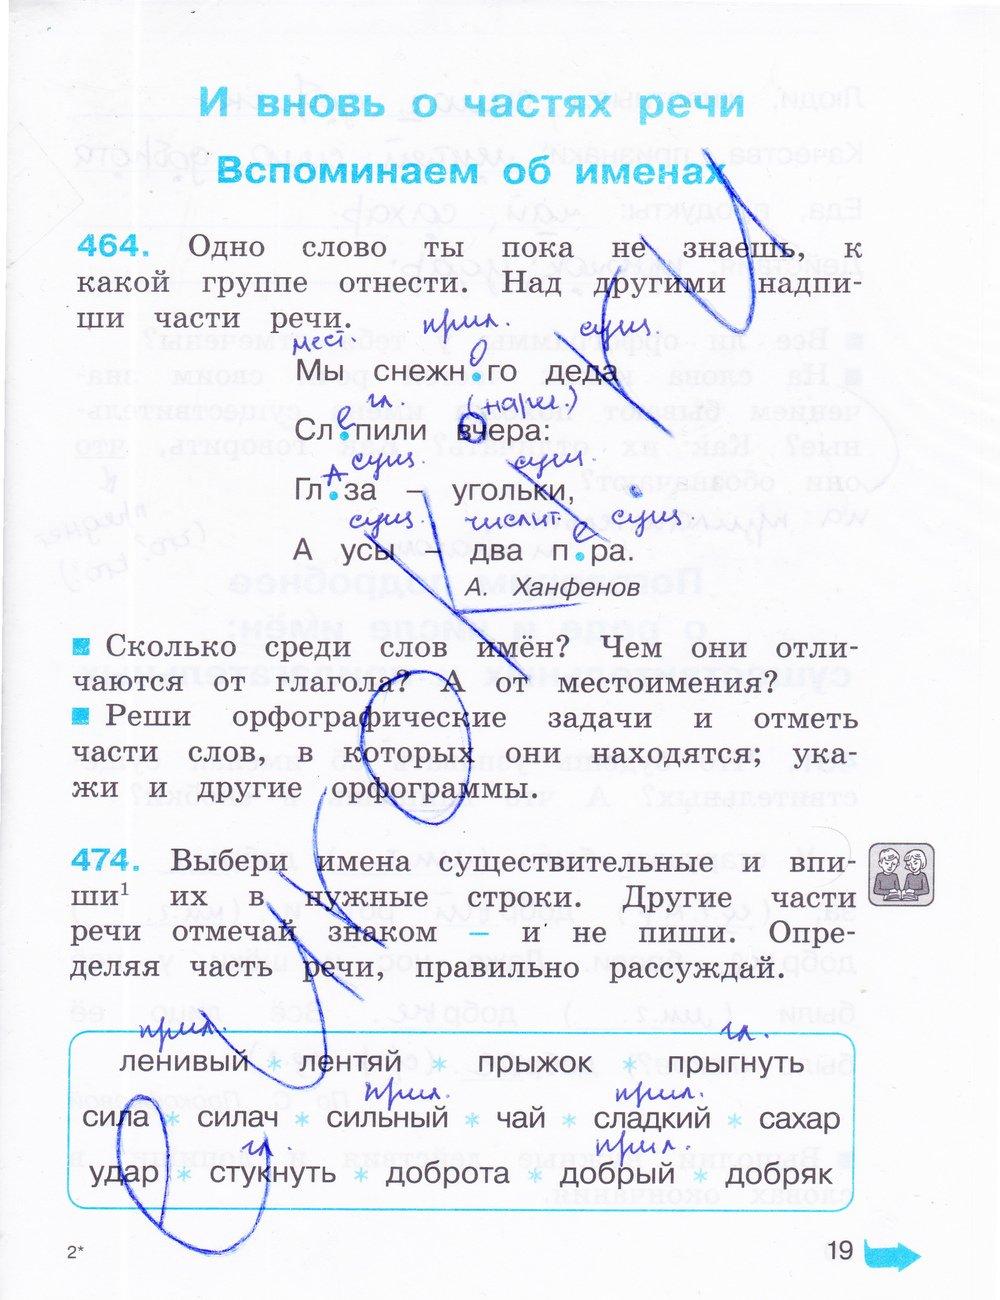 по соловейчик гдз ответы 2 3 кузьменко языку русскому класс часть решебник гдз